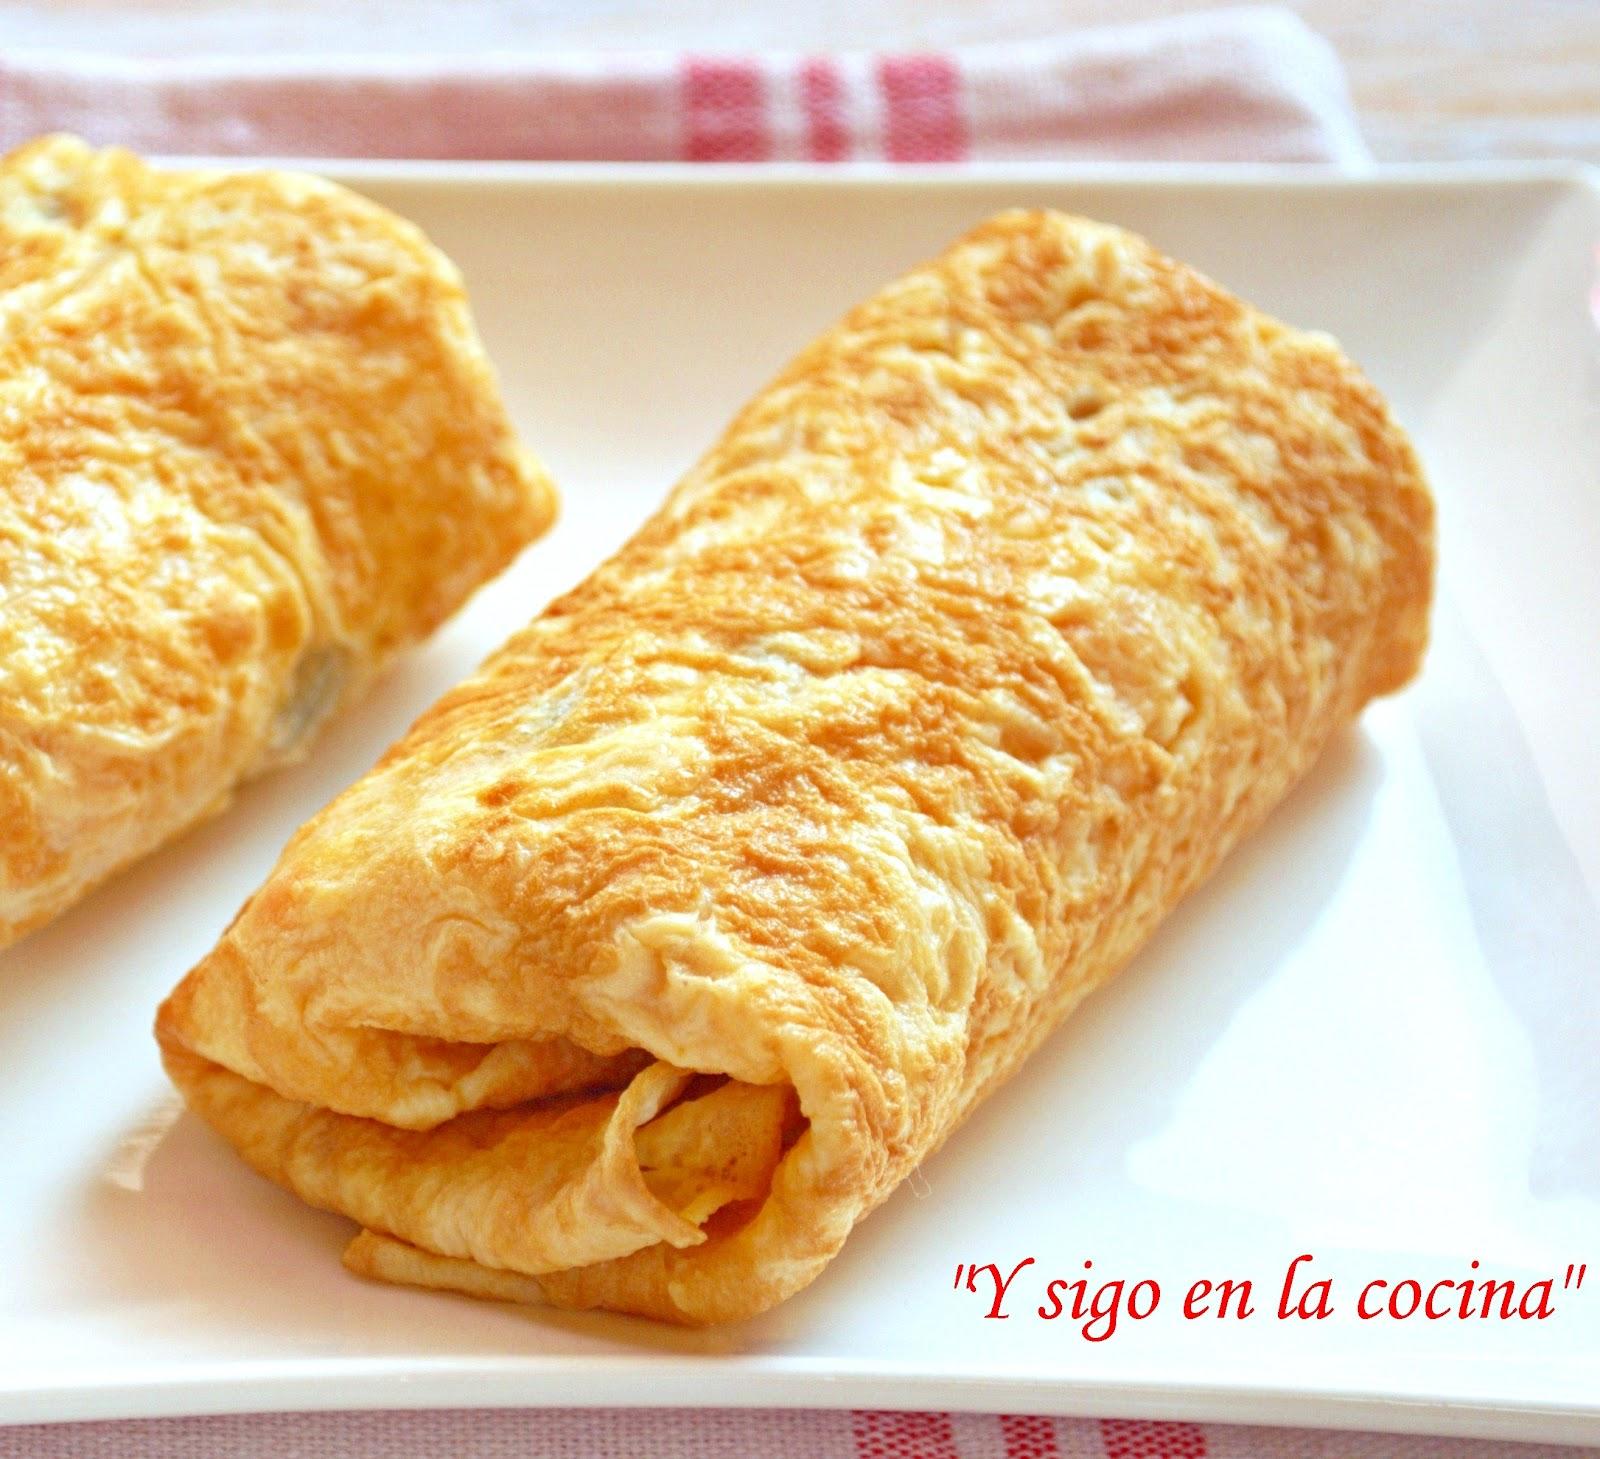 Y sigo en la cocina fajitas de tortilla francesa rellena - Tortilla francesa calorias ...